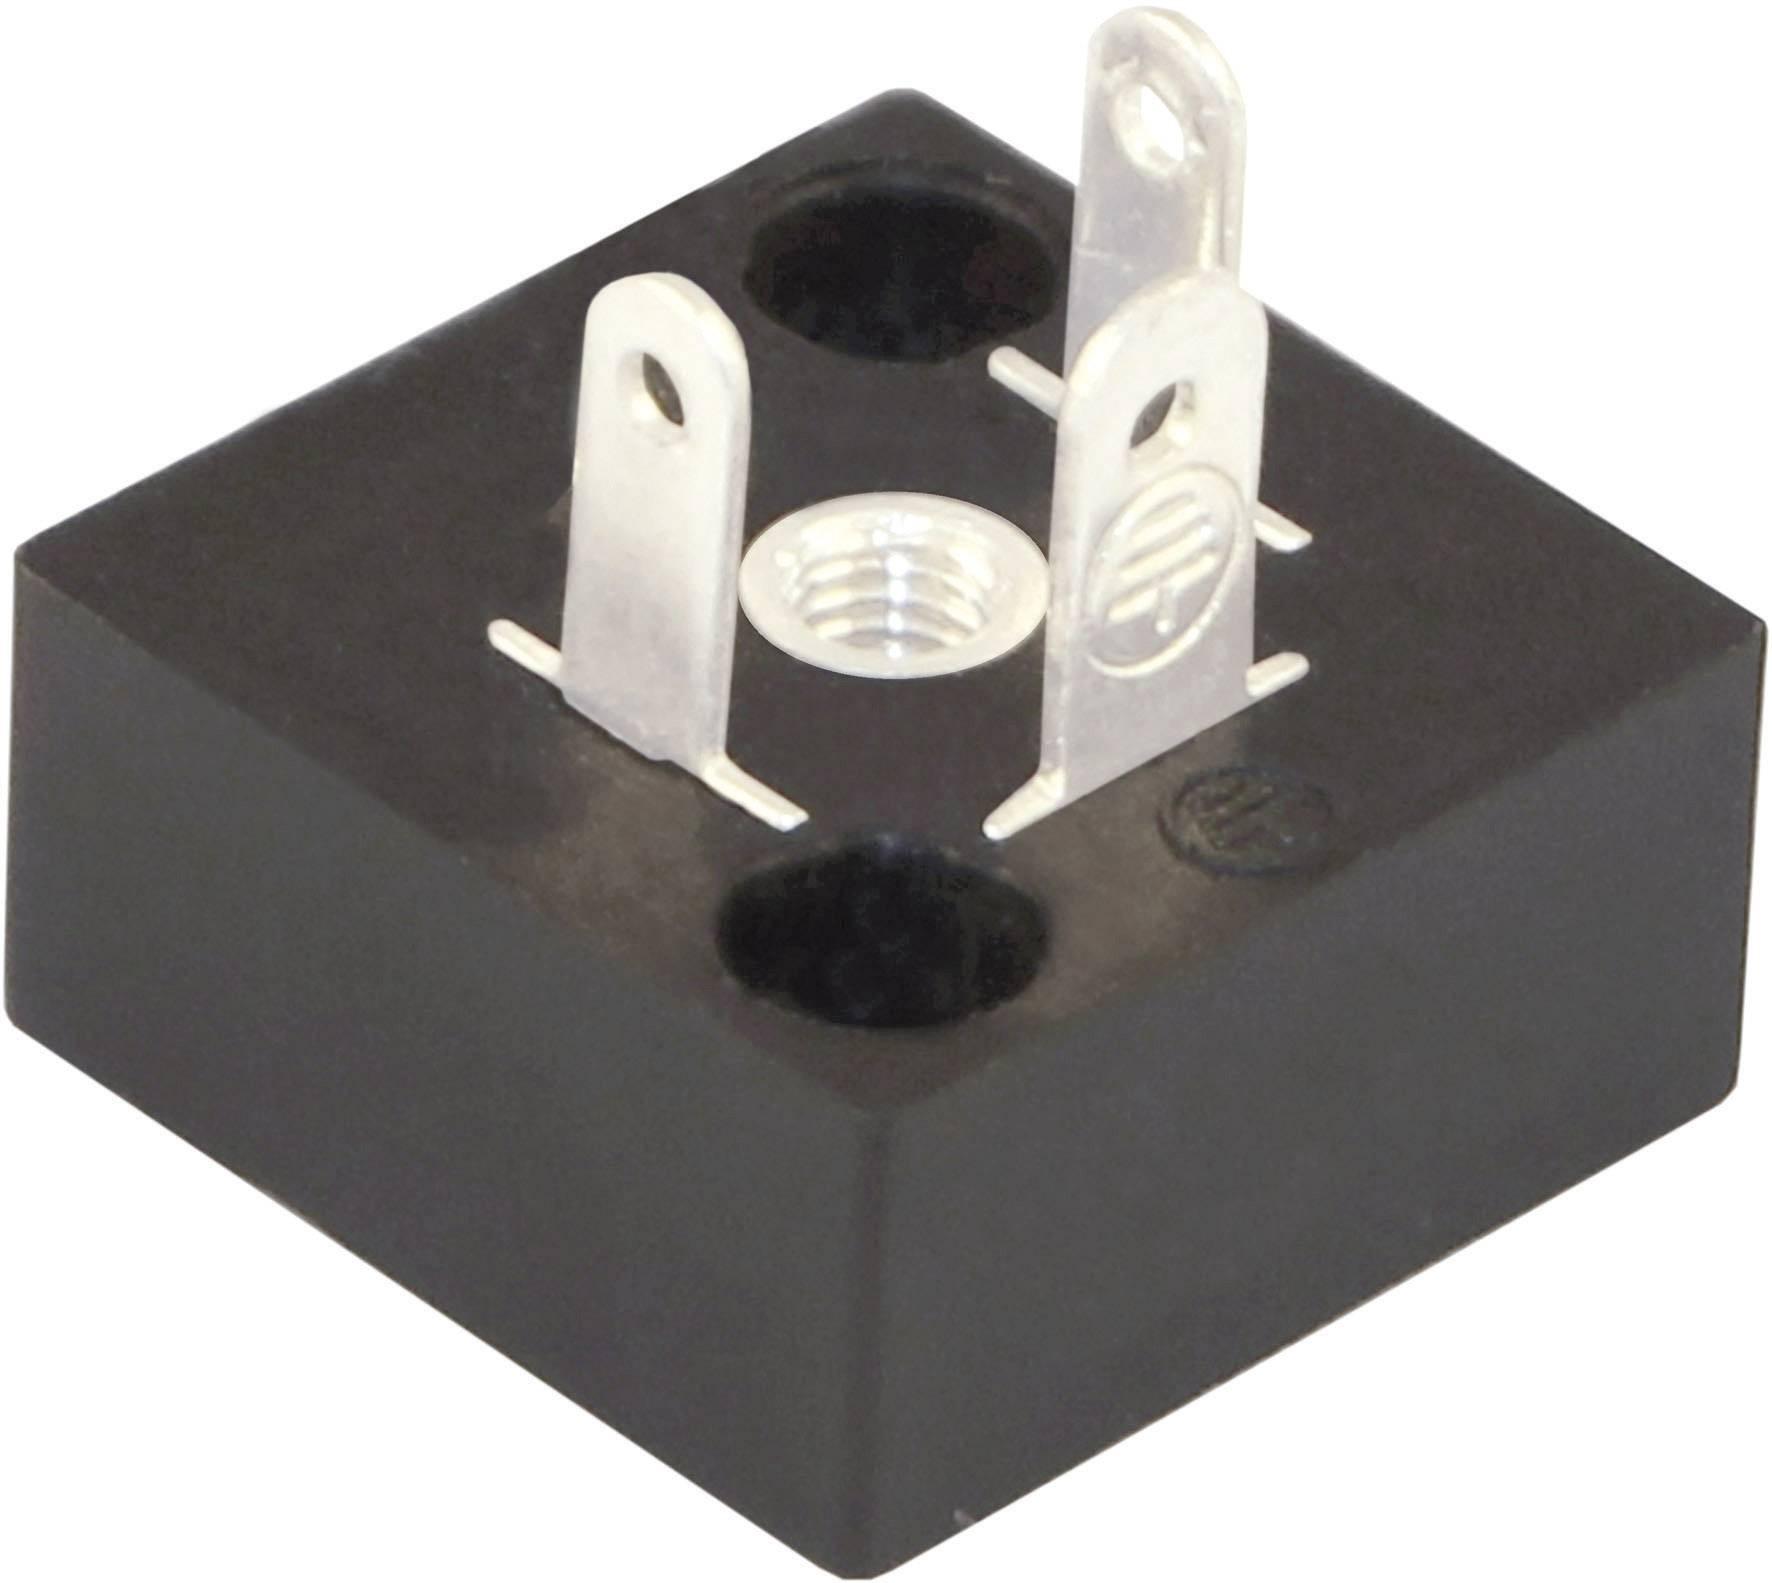 Ventilový konektor HTP BP2N02000, IP67 (namontované), černá